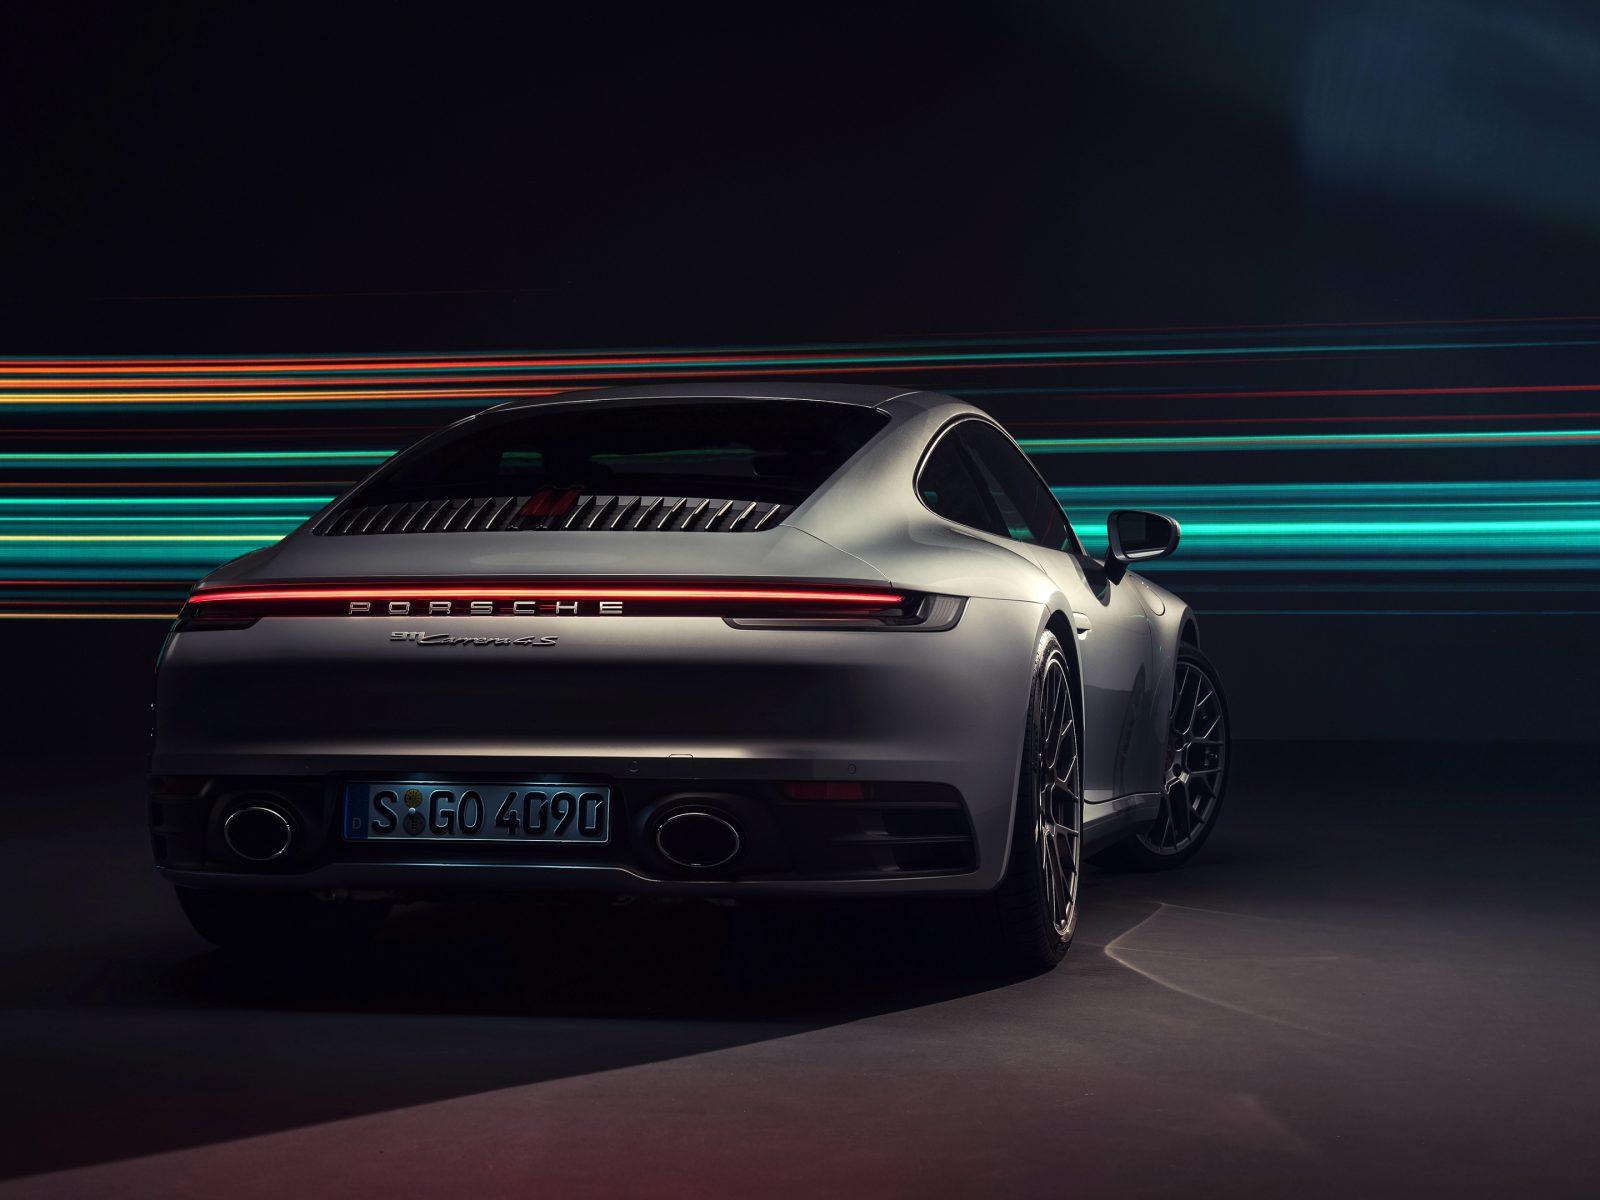 Porsche 911 Carrera 4s 4k Wallpaper Hd Wallpaper Background